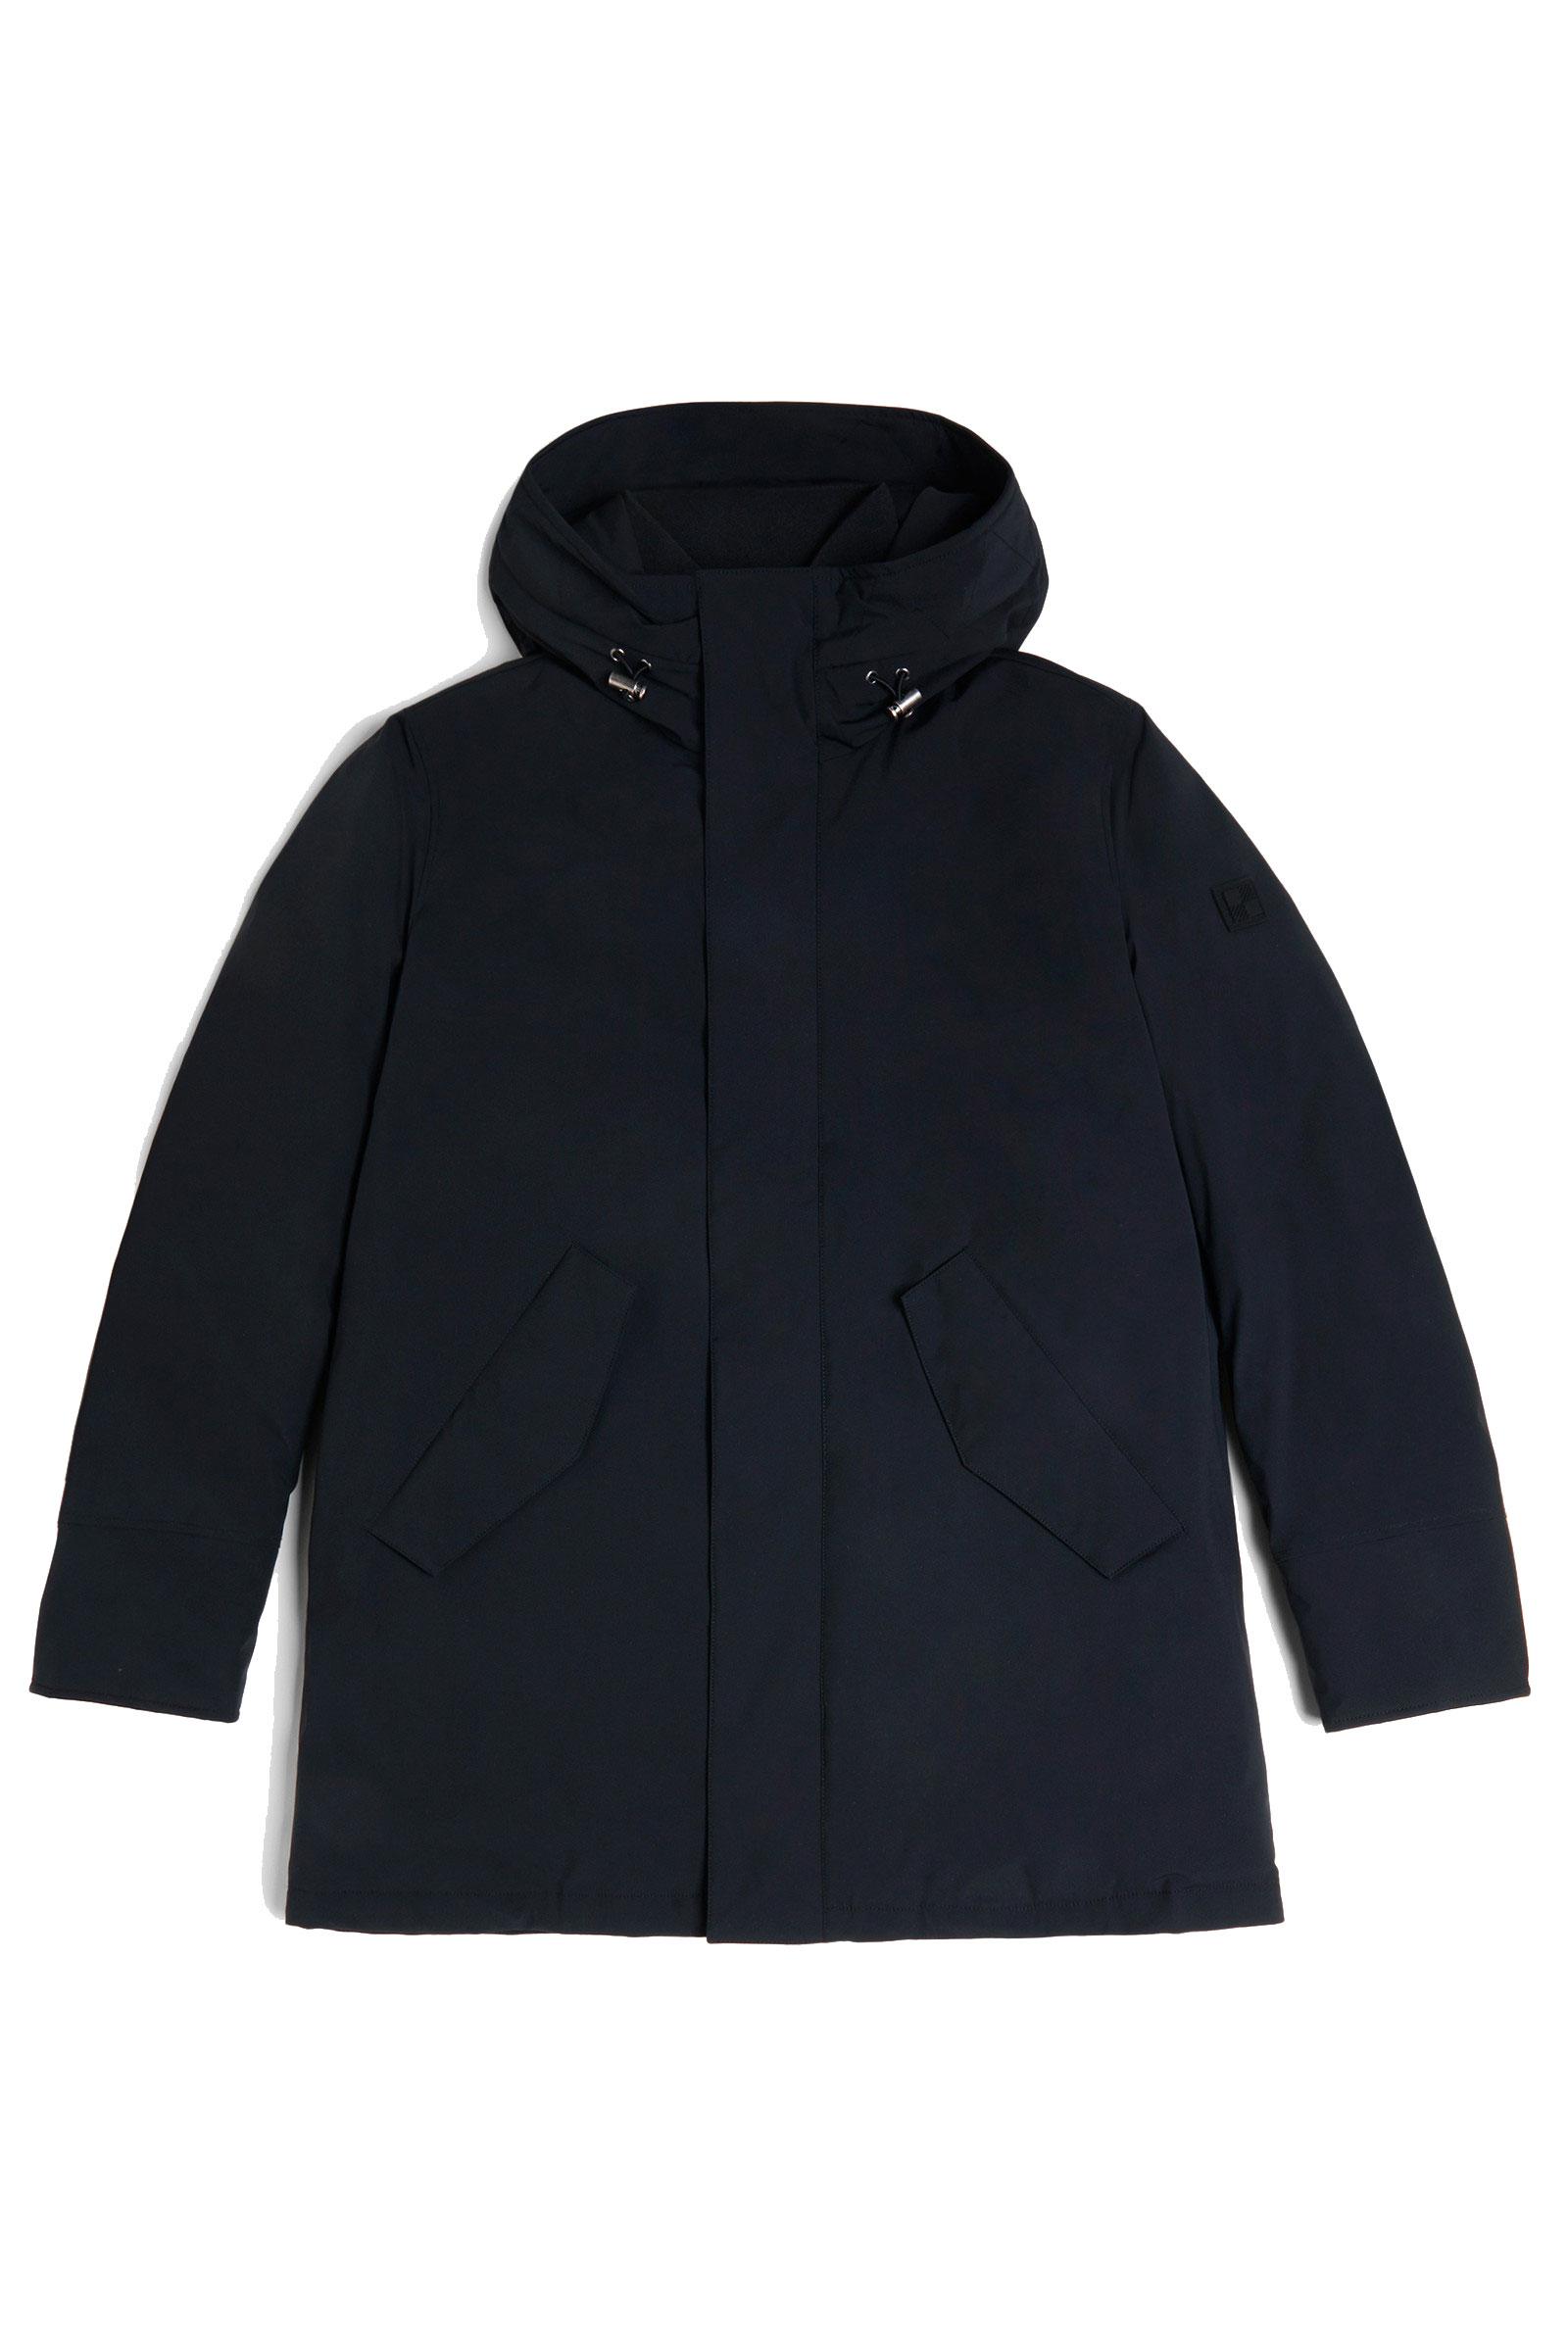 Black stretch mountain parka WOOLRICH | Overcoat | WOOU0268MR-UT0102100